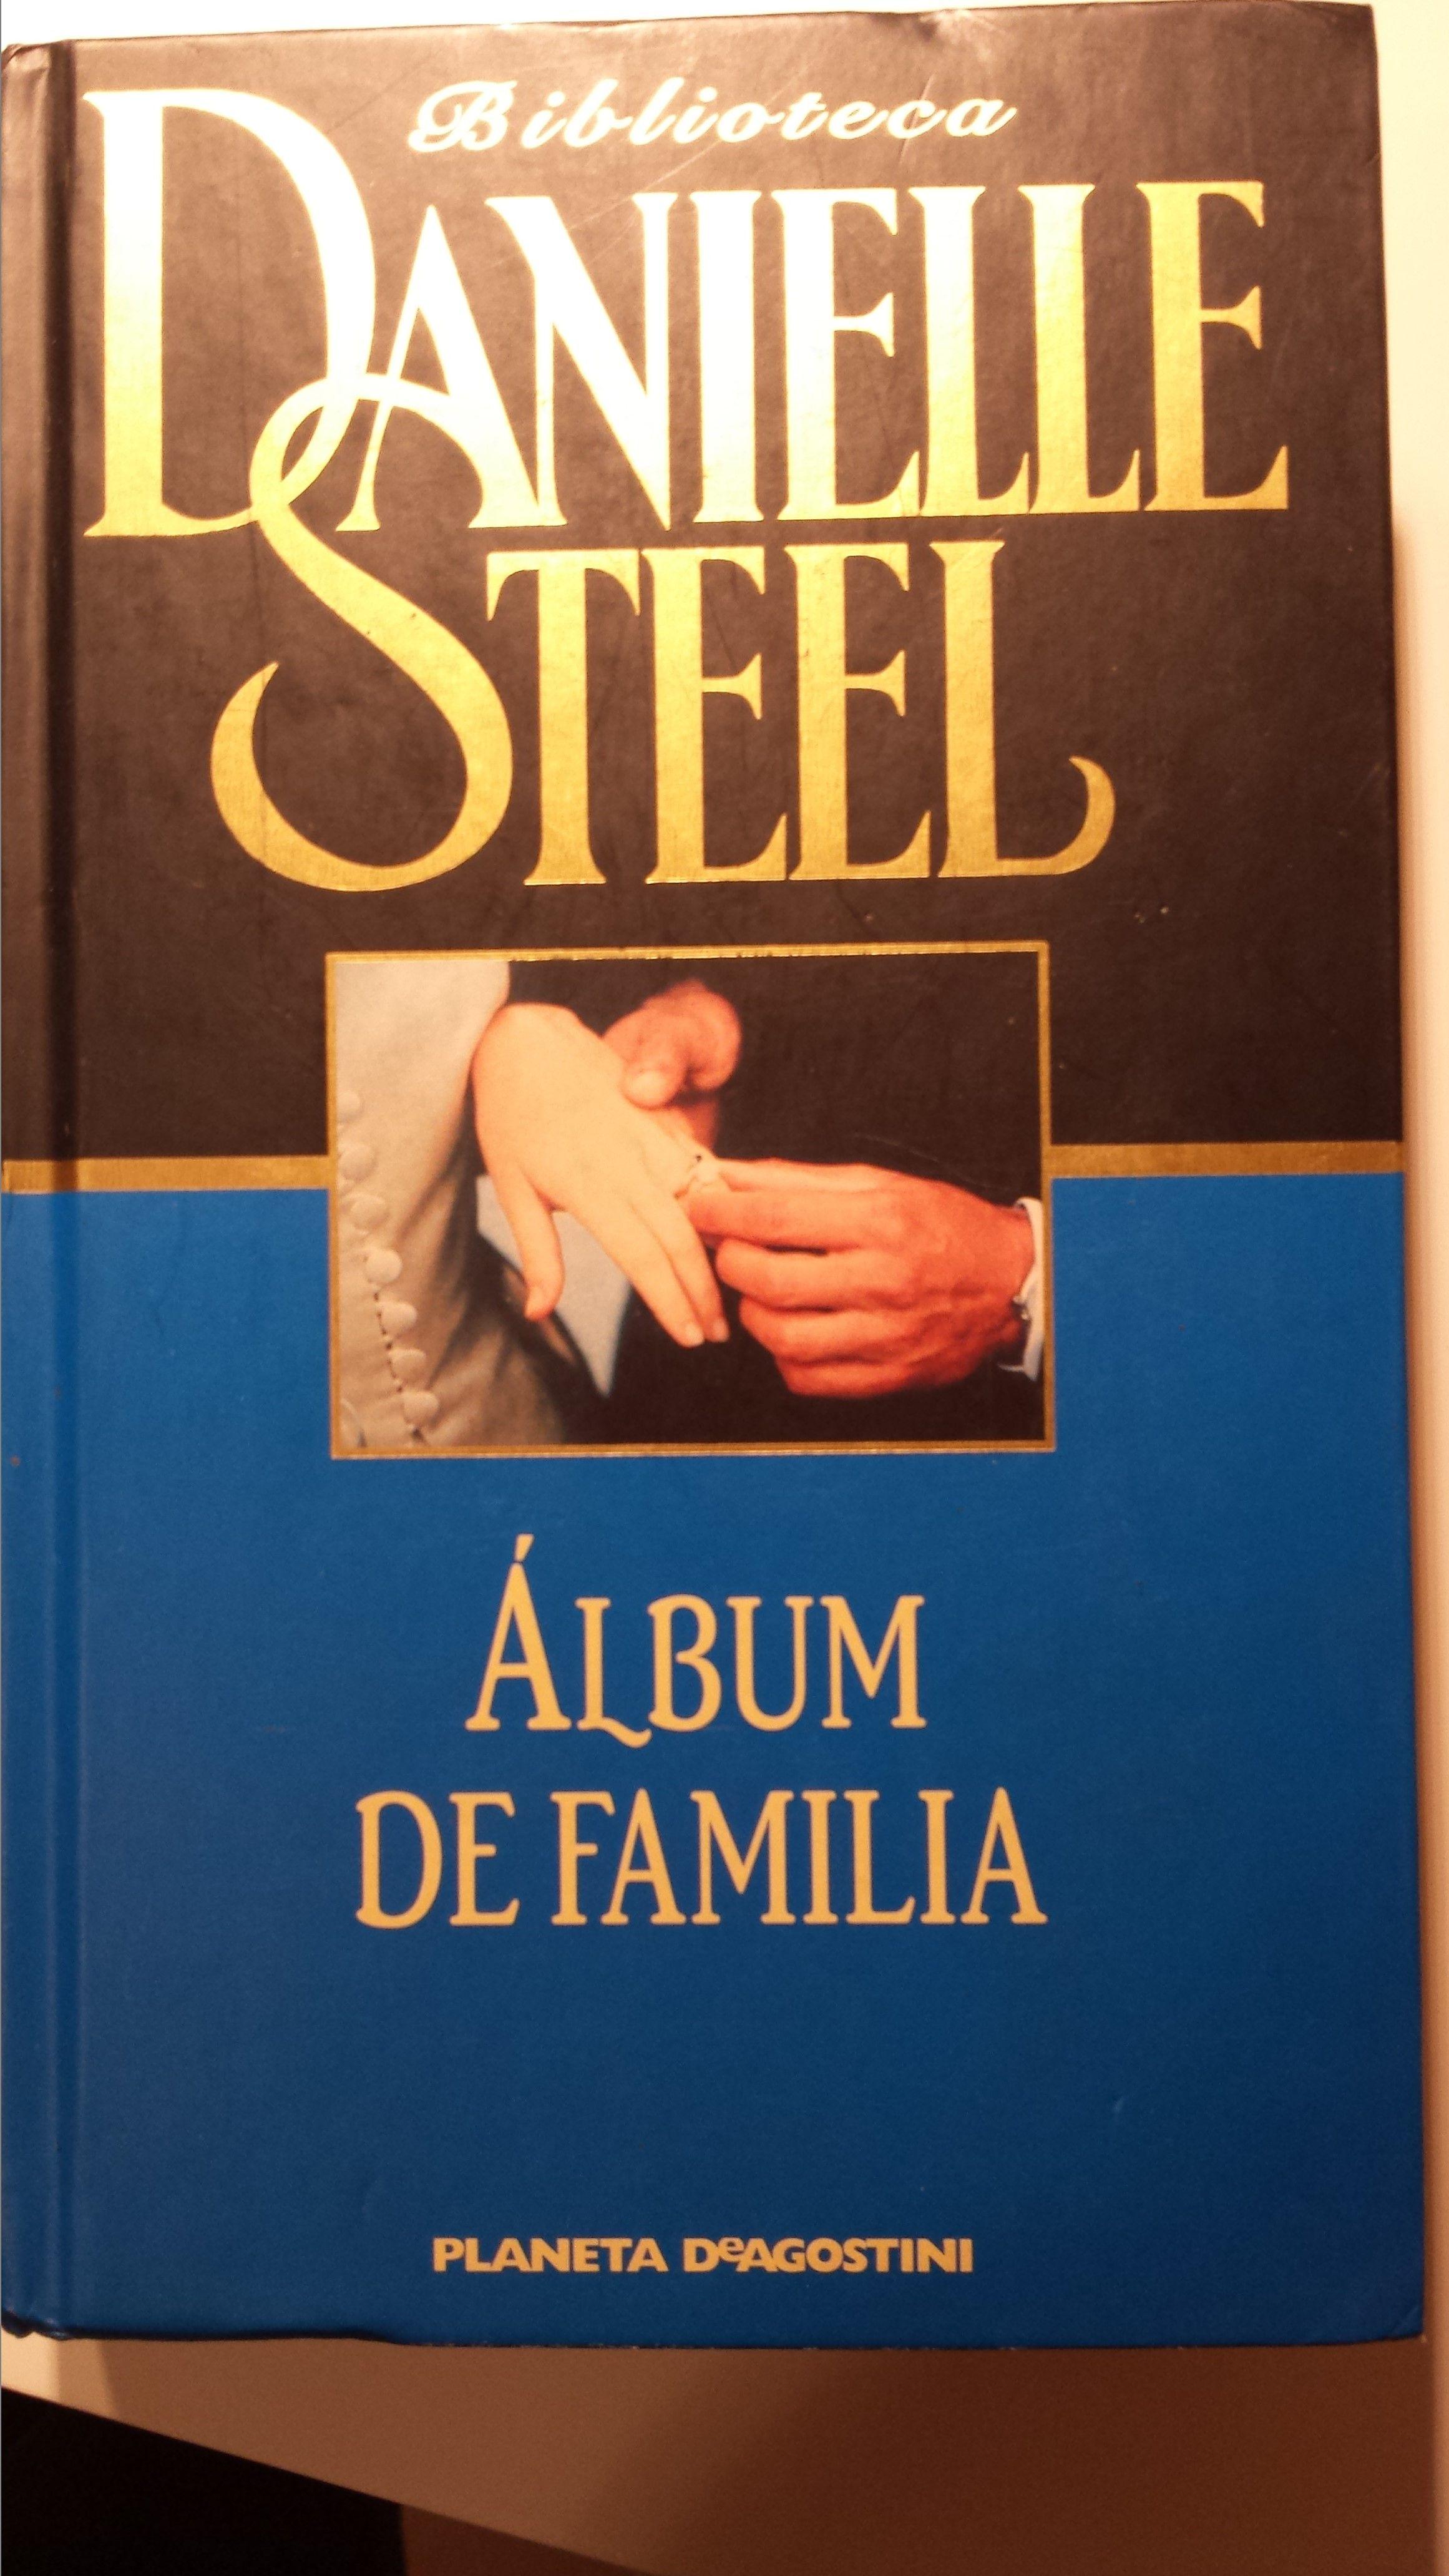 Descargar Libro Lo Que Quiero Lo Consigo Album De Familia Libros Descargar Libros Gratis